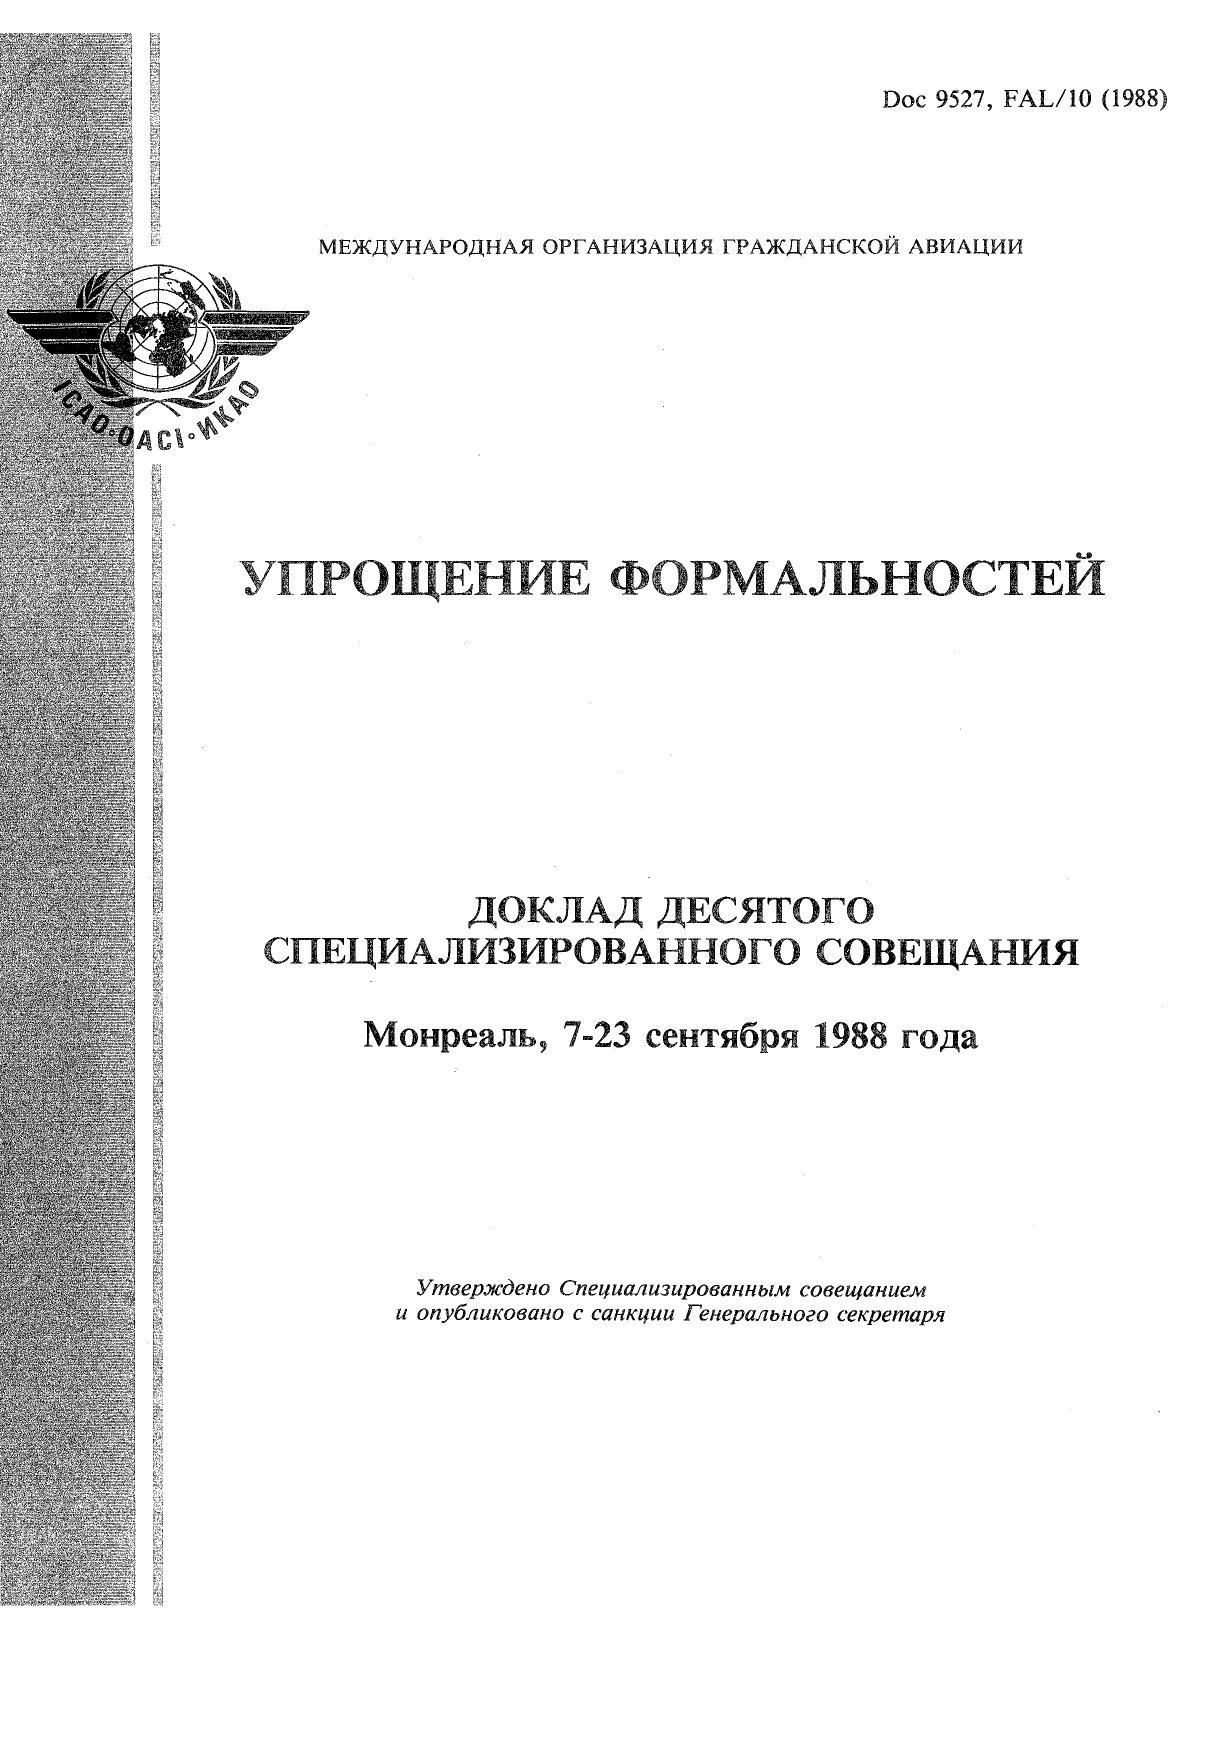 ICAO Doc 9527 Упрощение формальностей